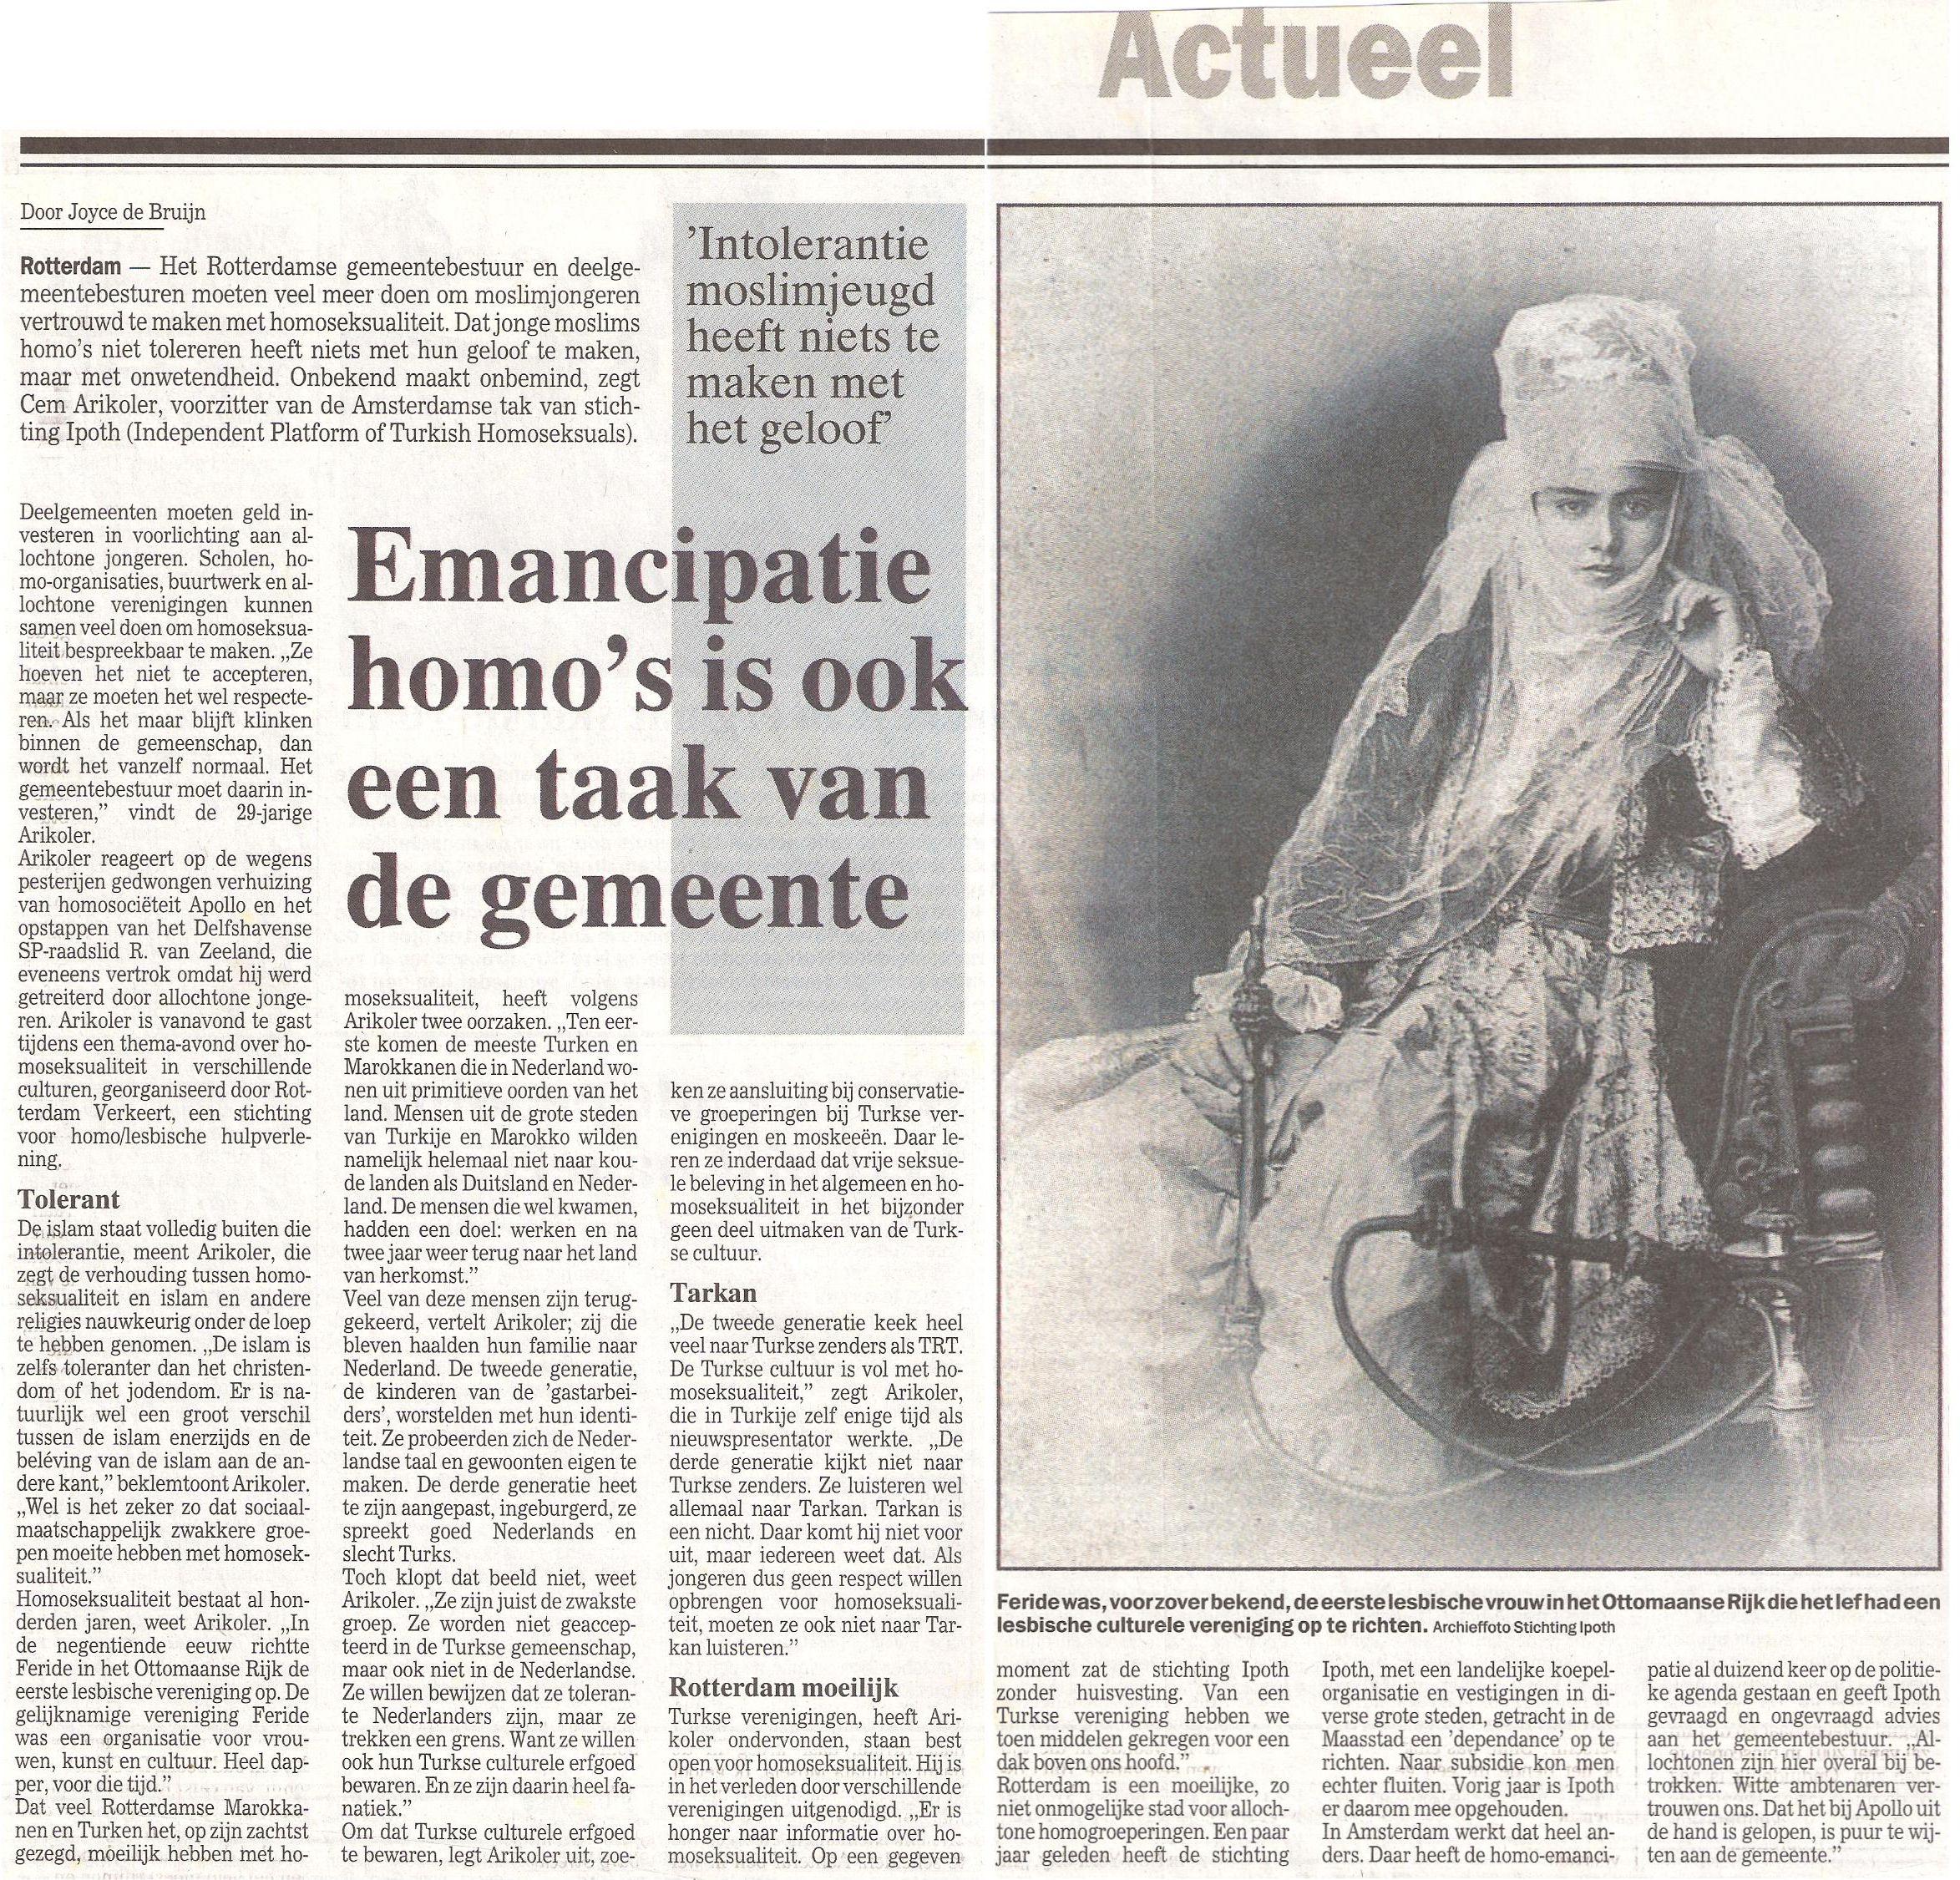 19991026_rd_emancipatie_homos_is_ook_taak_gemeente-3